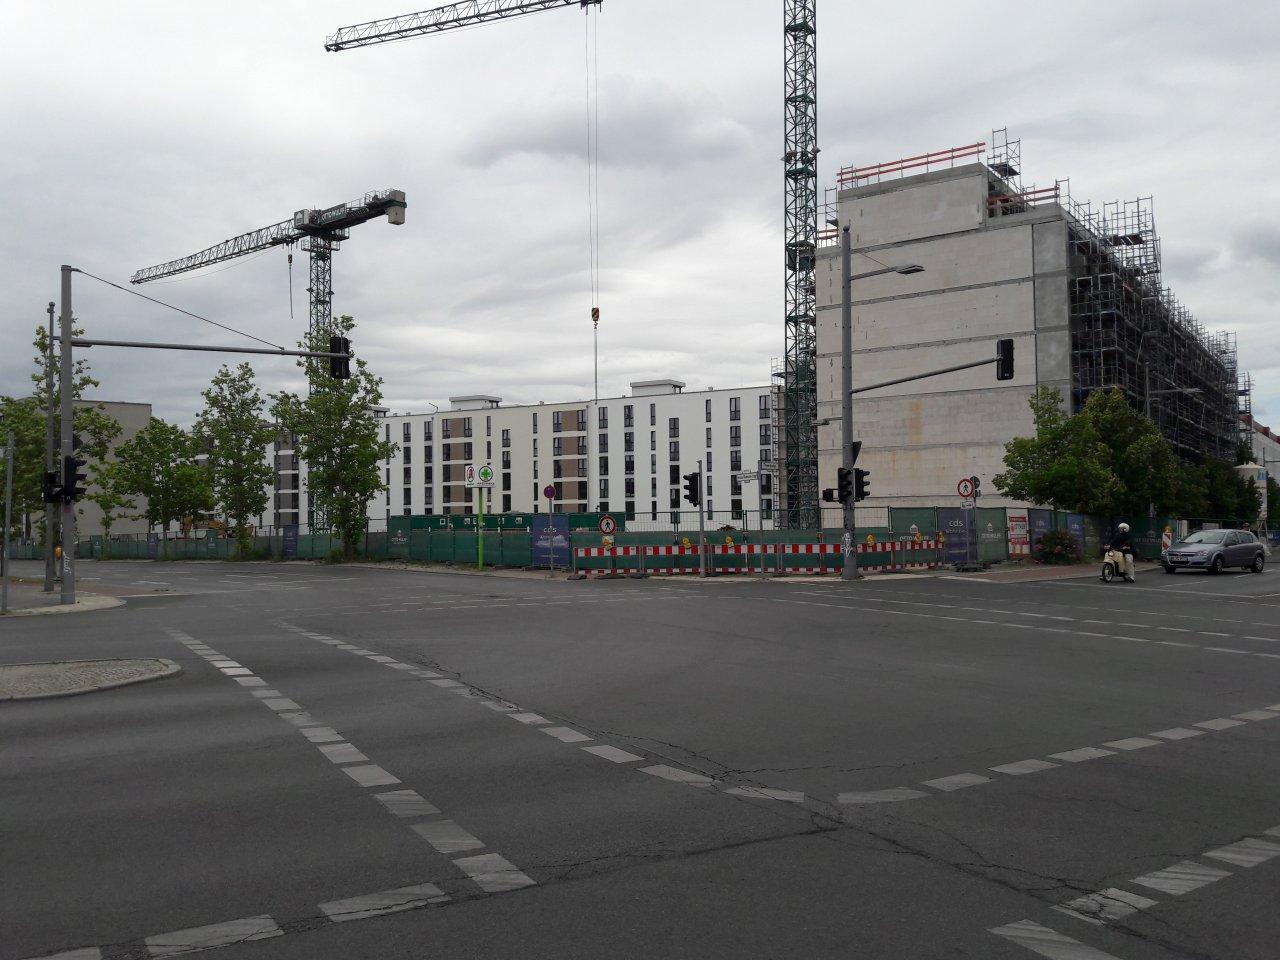 Prenzlhain-Bauvorhaben.jpg